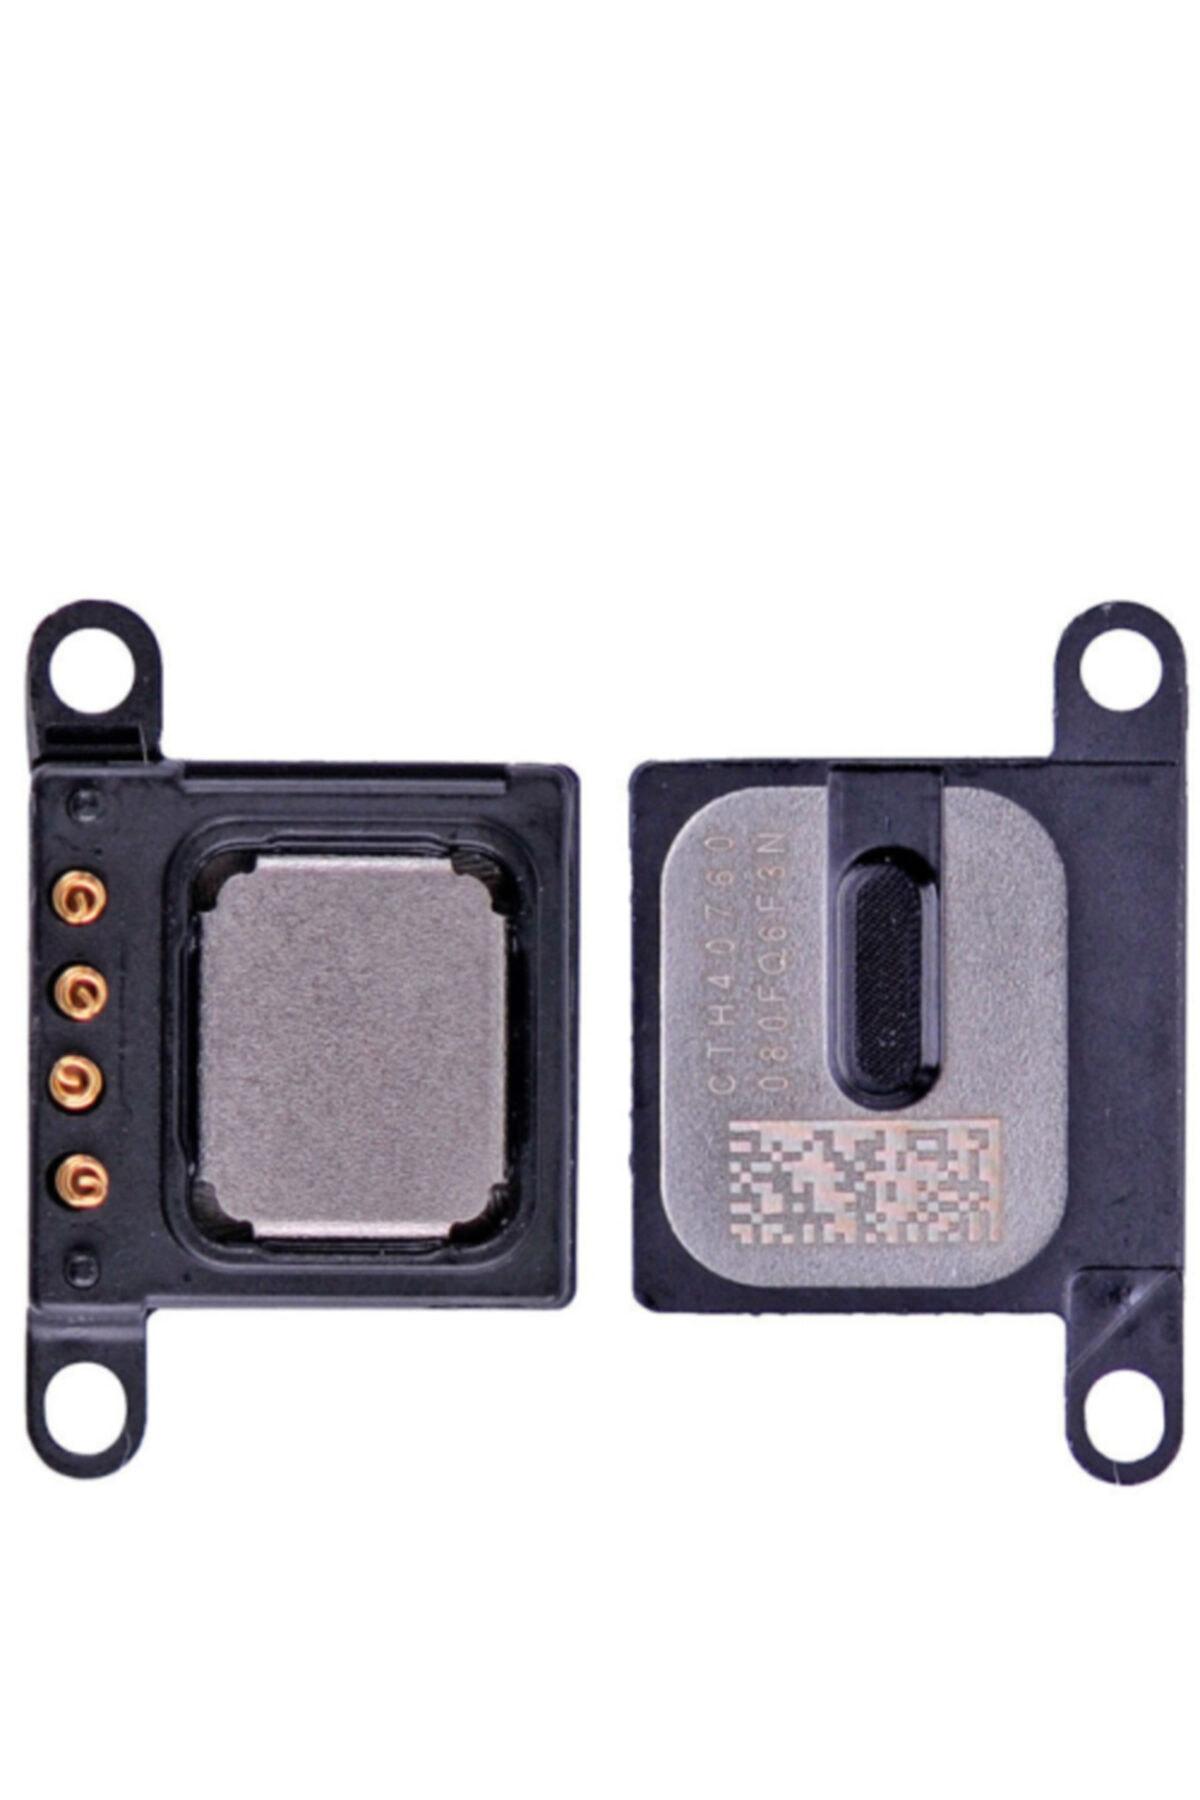 Teknoloji Adım Iphone 6 Iç Kulaklık Ahize Joyatec 2